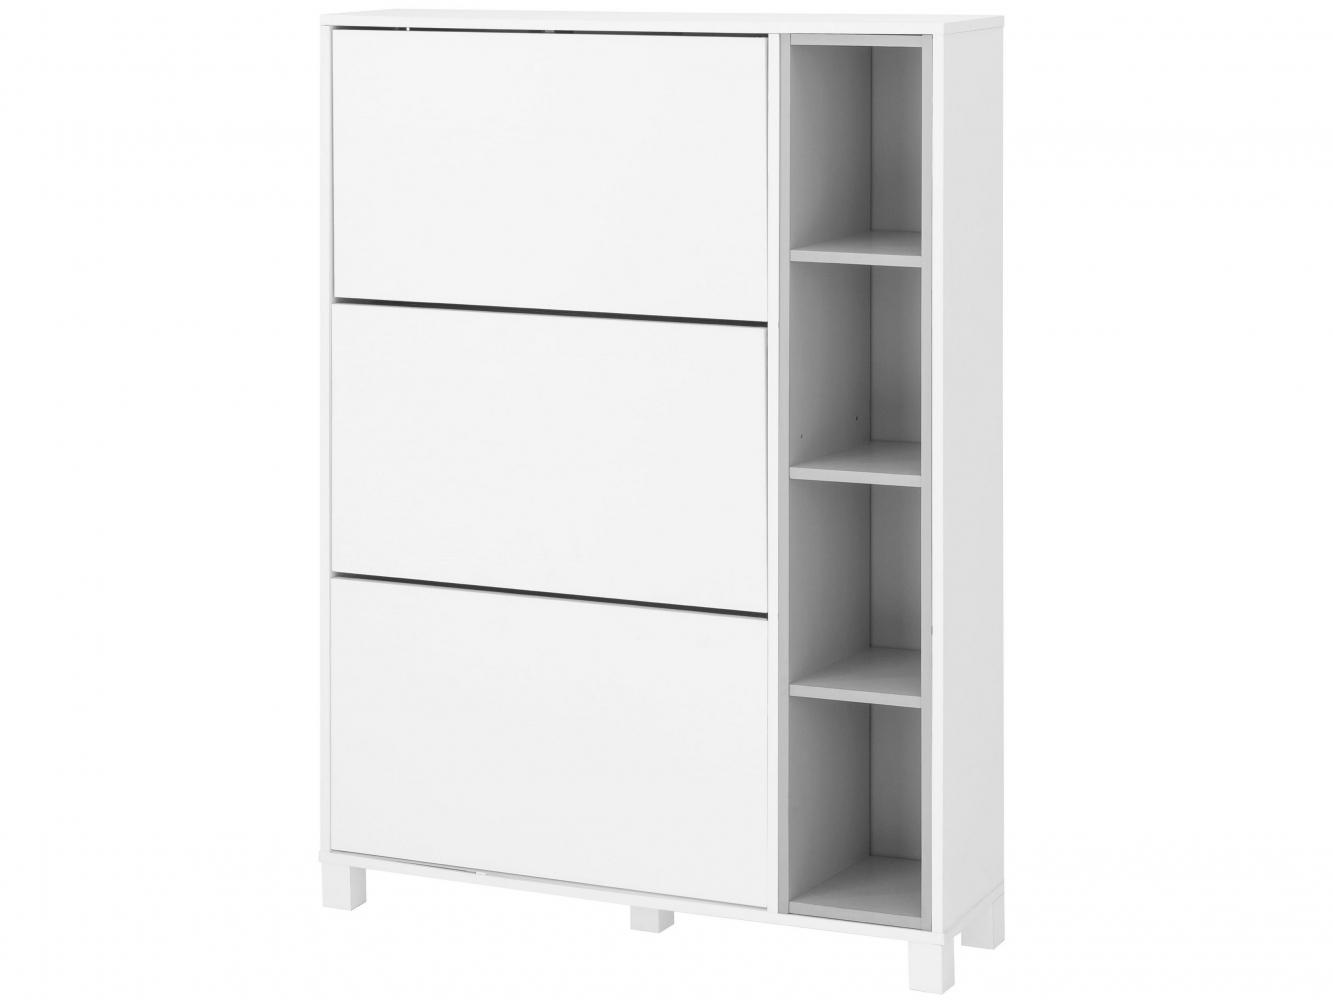 Botník Paker, 130 cm, bílá / šedá